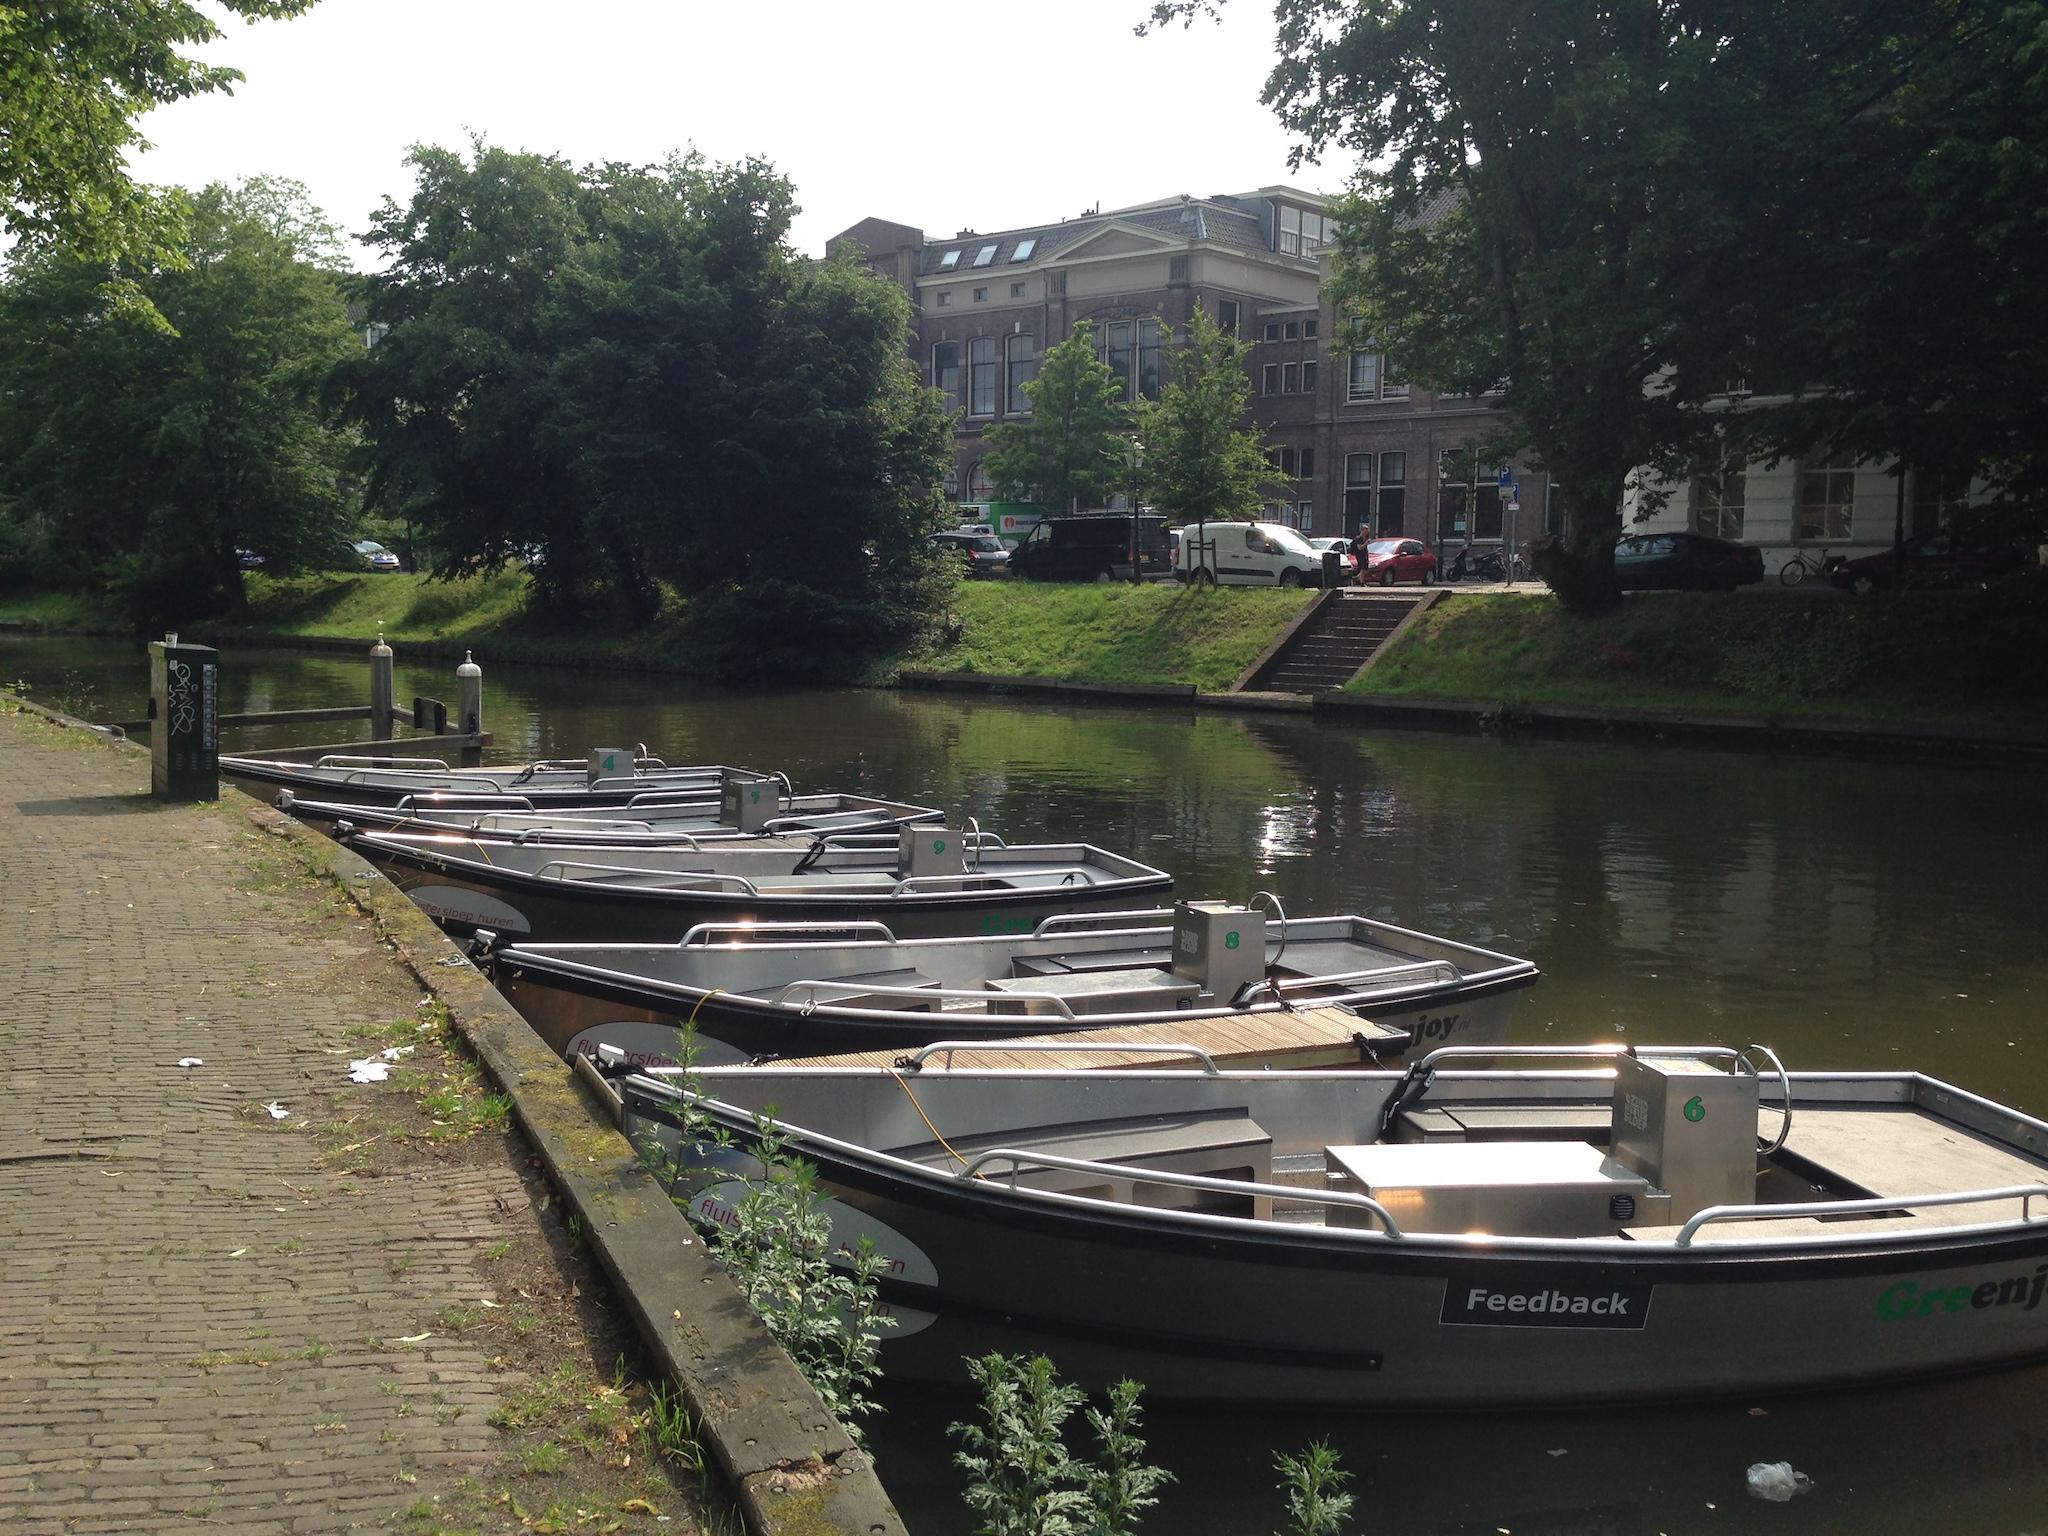 greenjoy_utrecht_varen_vloot_wittevrouwensingel_liplaats_locatie_opstappen_2048